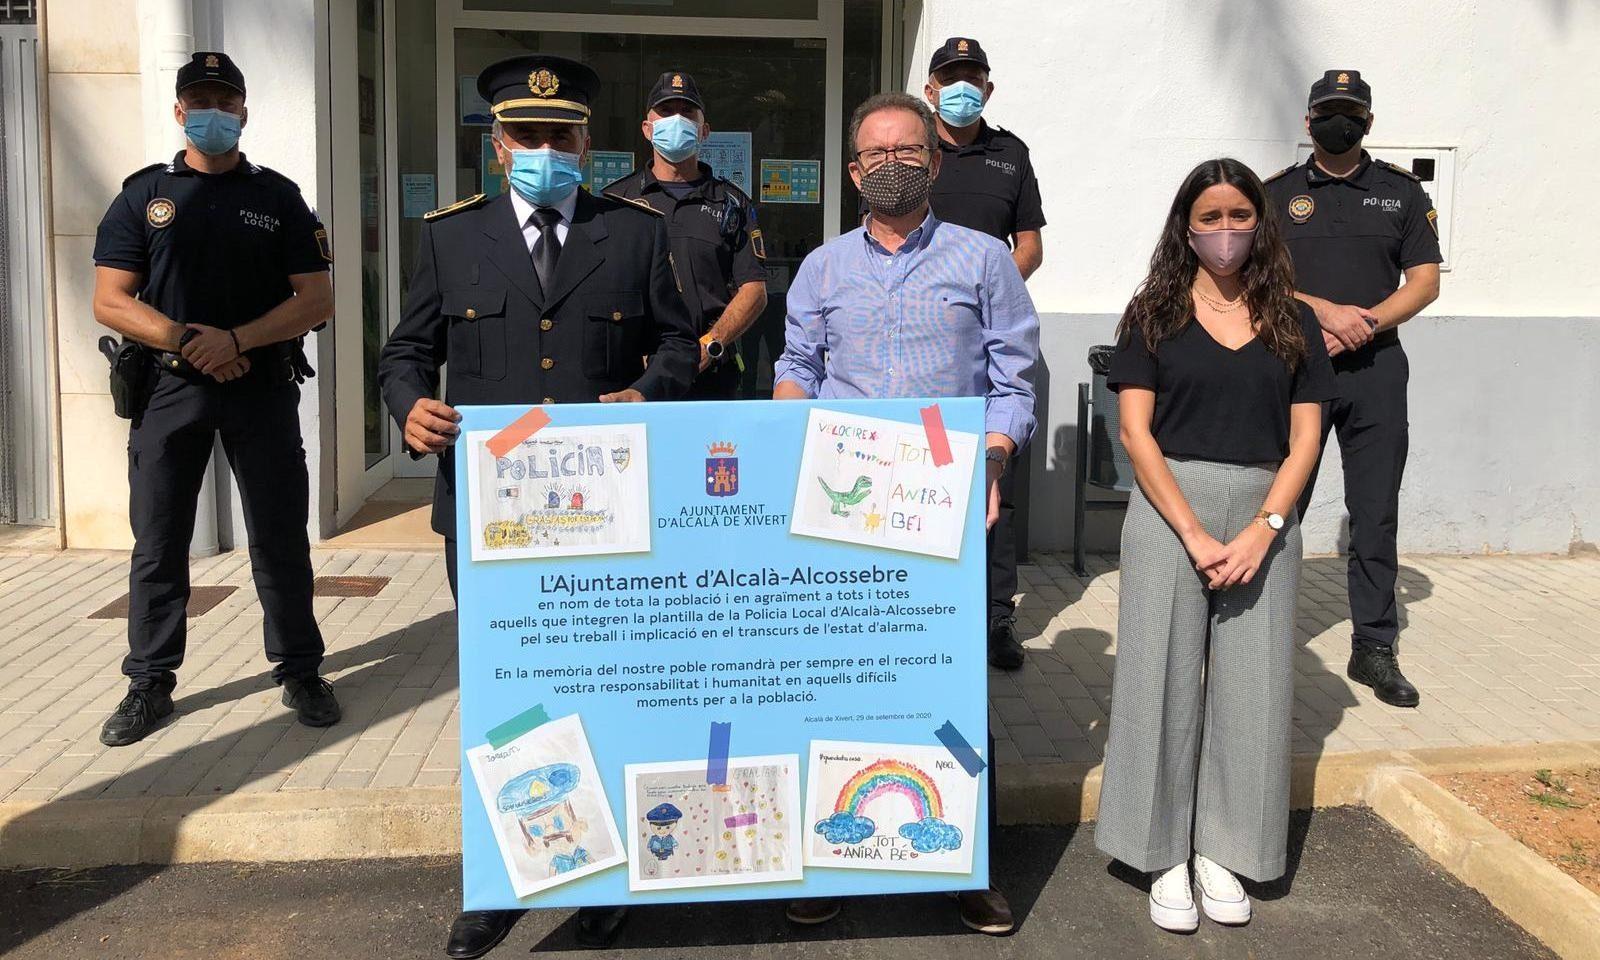 L'Ajuntament d'Alcalà-Alcossebre reconeix a la Policia Local el seu paper durant l'alarma sanitària